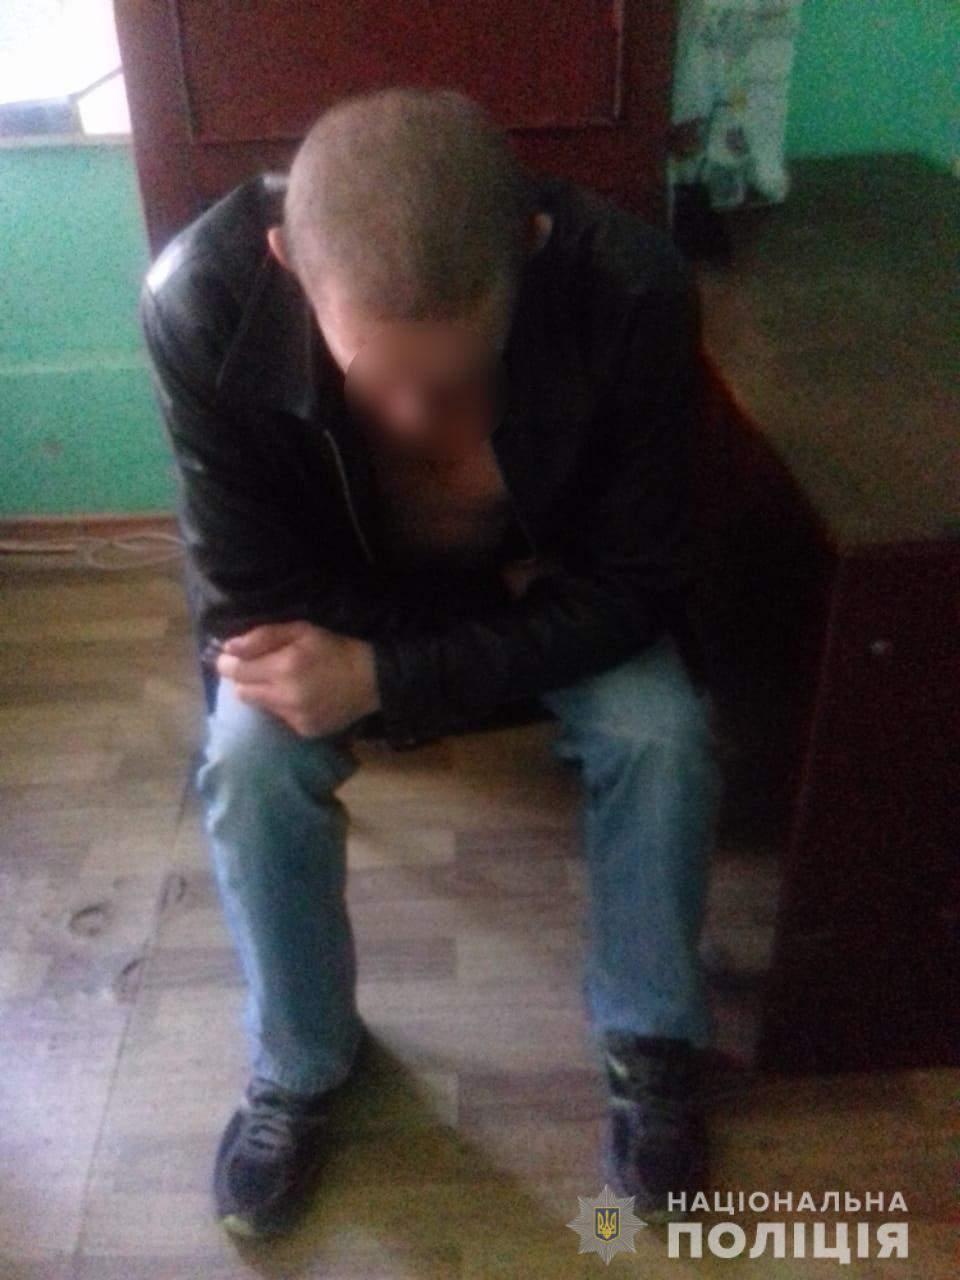 На Киевщине мужчина с ножом набросился на женщину с ребенком